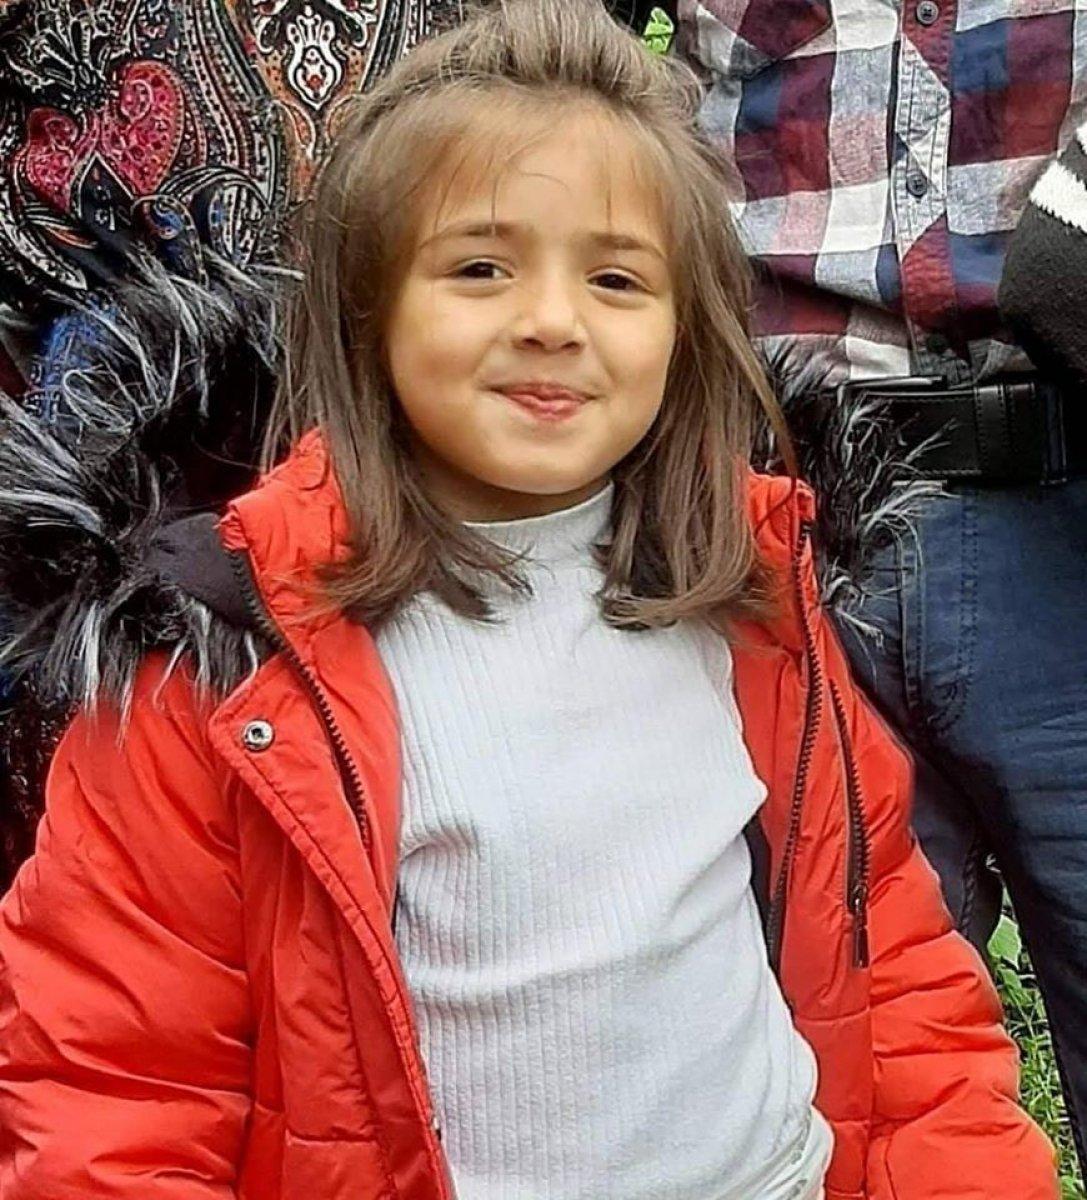 İkra Nur cinayetindeki sanık amca ve hala için istenen ceza  #2